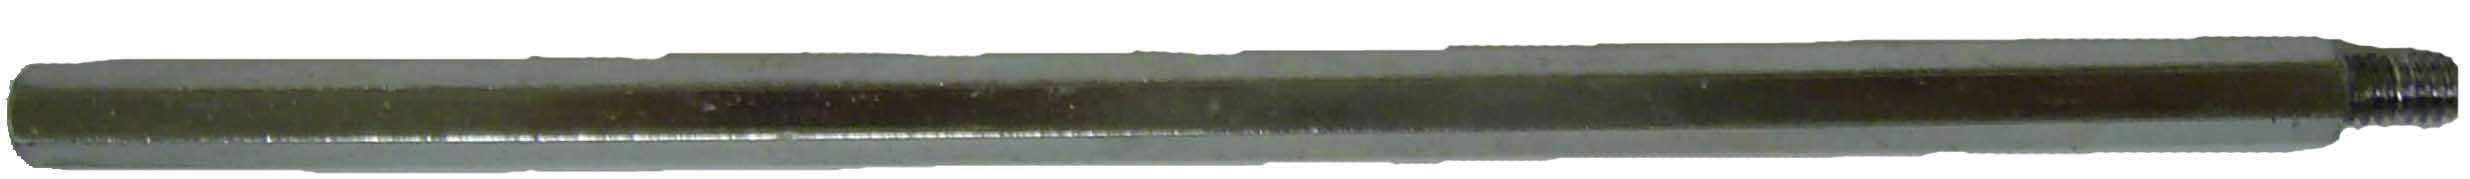 15A-002 (WP MTG)